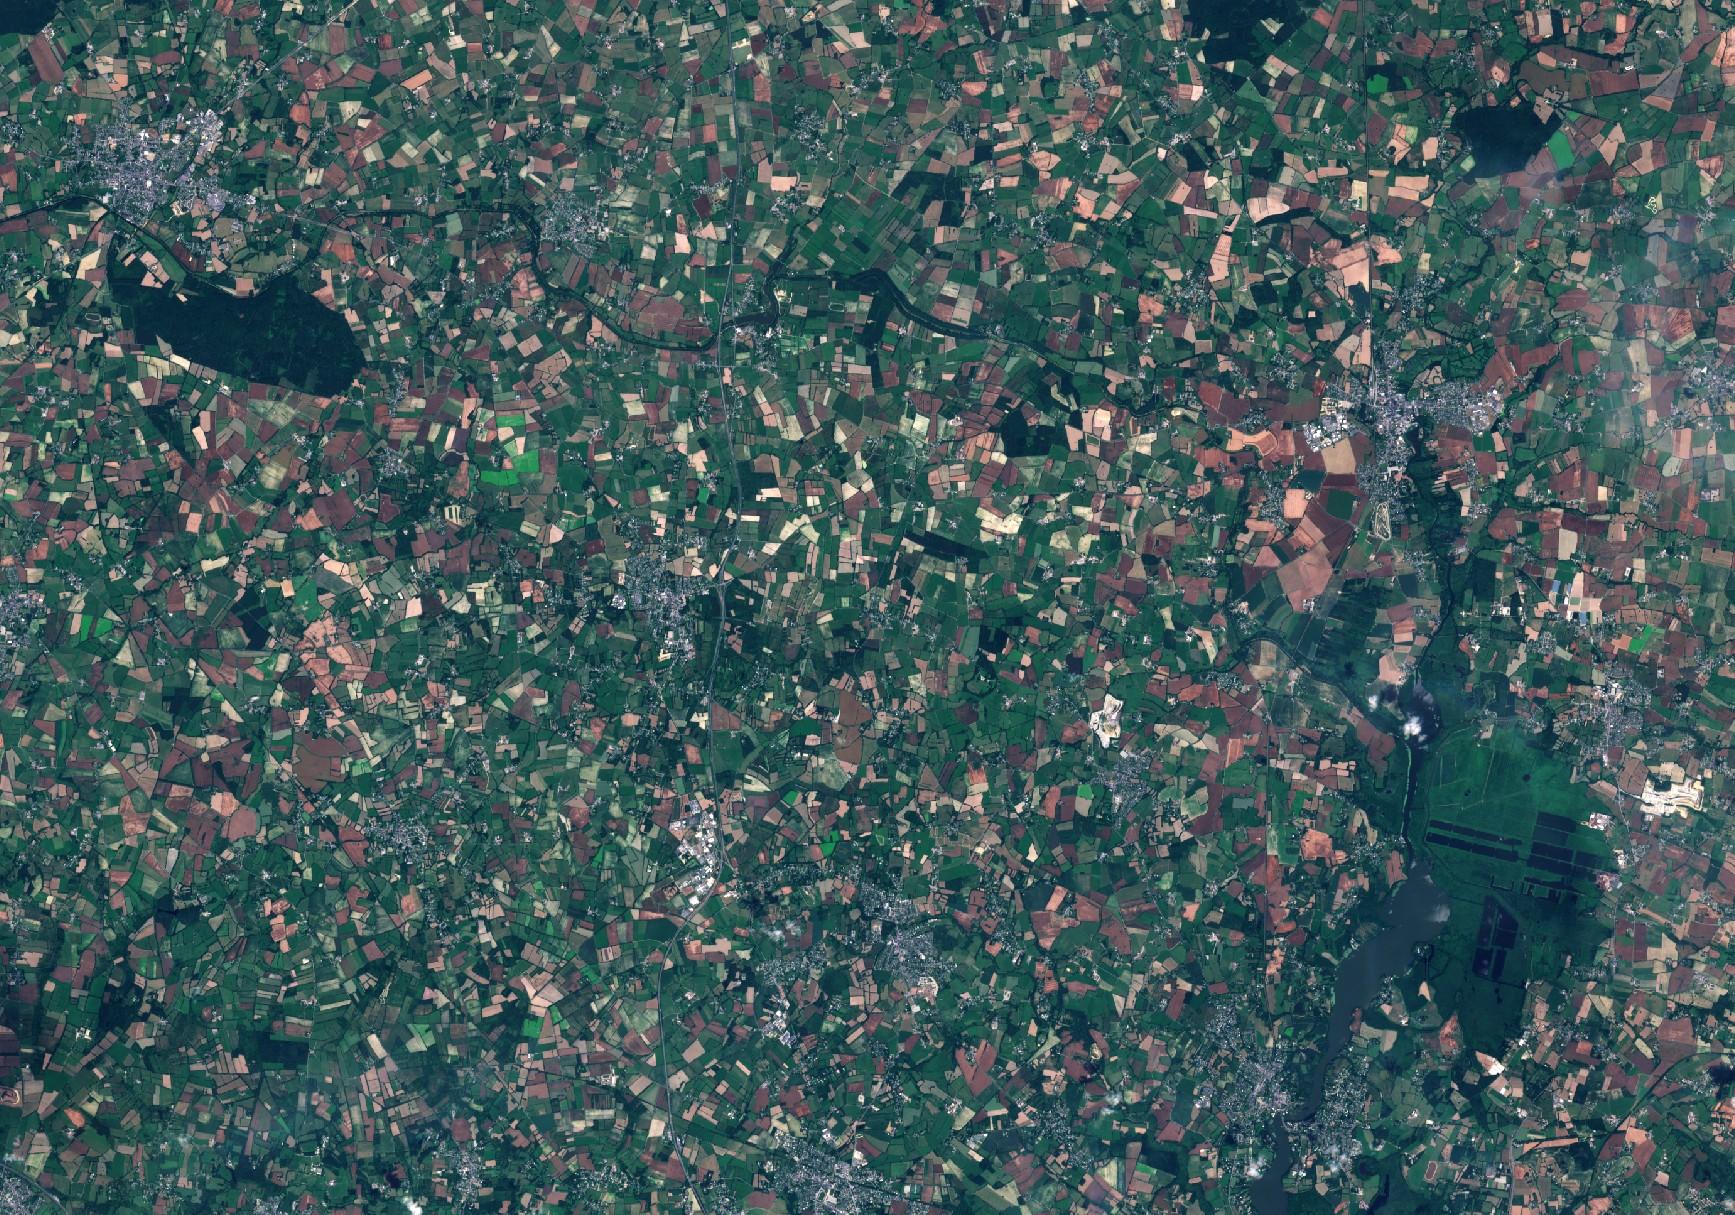 Un autre regard sur la Terre - Quiz - Quizz - Image satellite et environnement - Earth observation - Indice - Juillet 2016